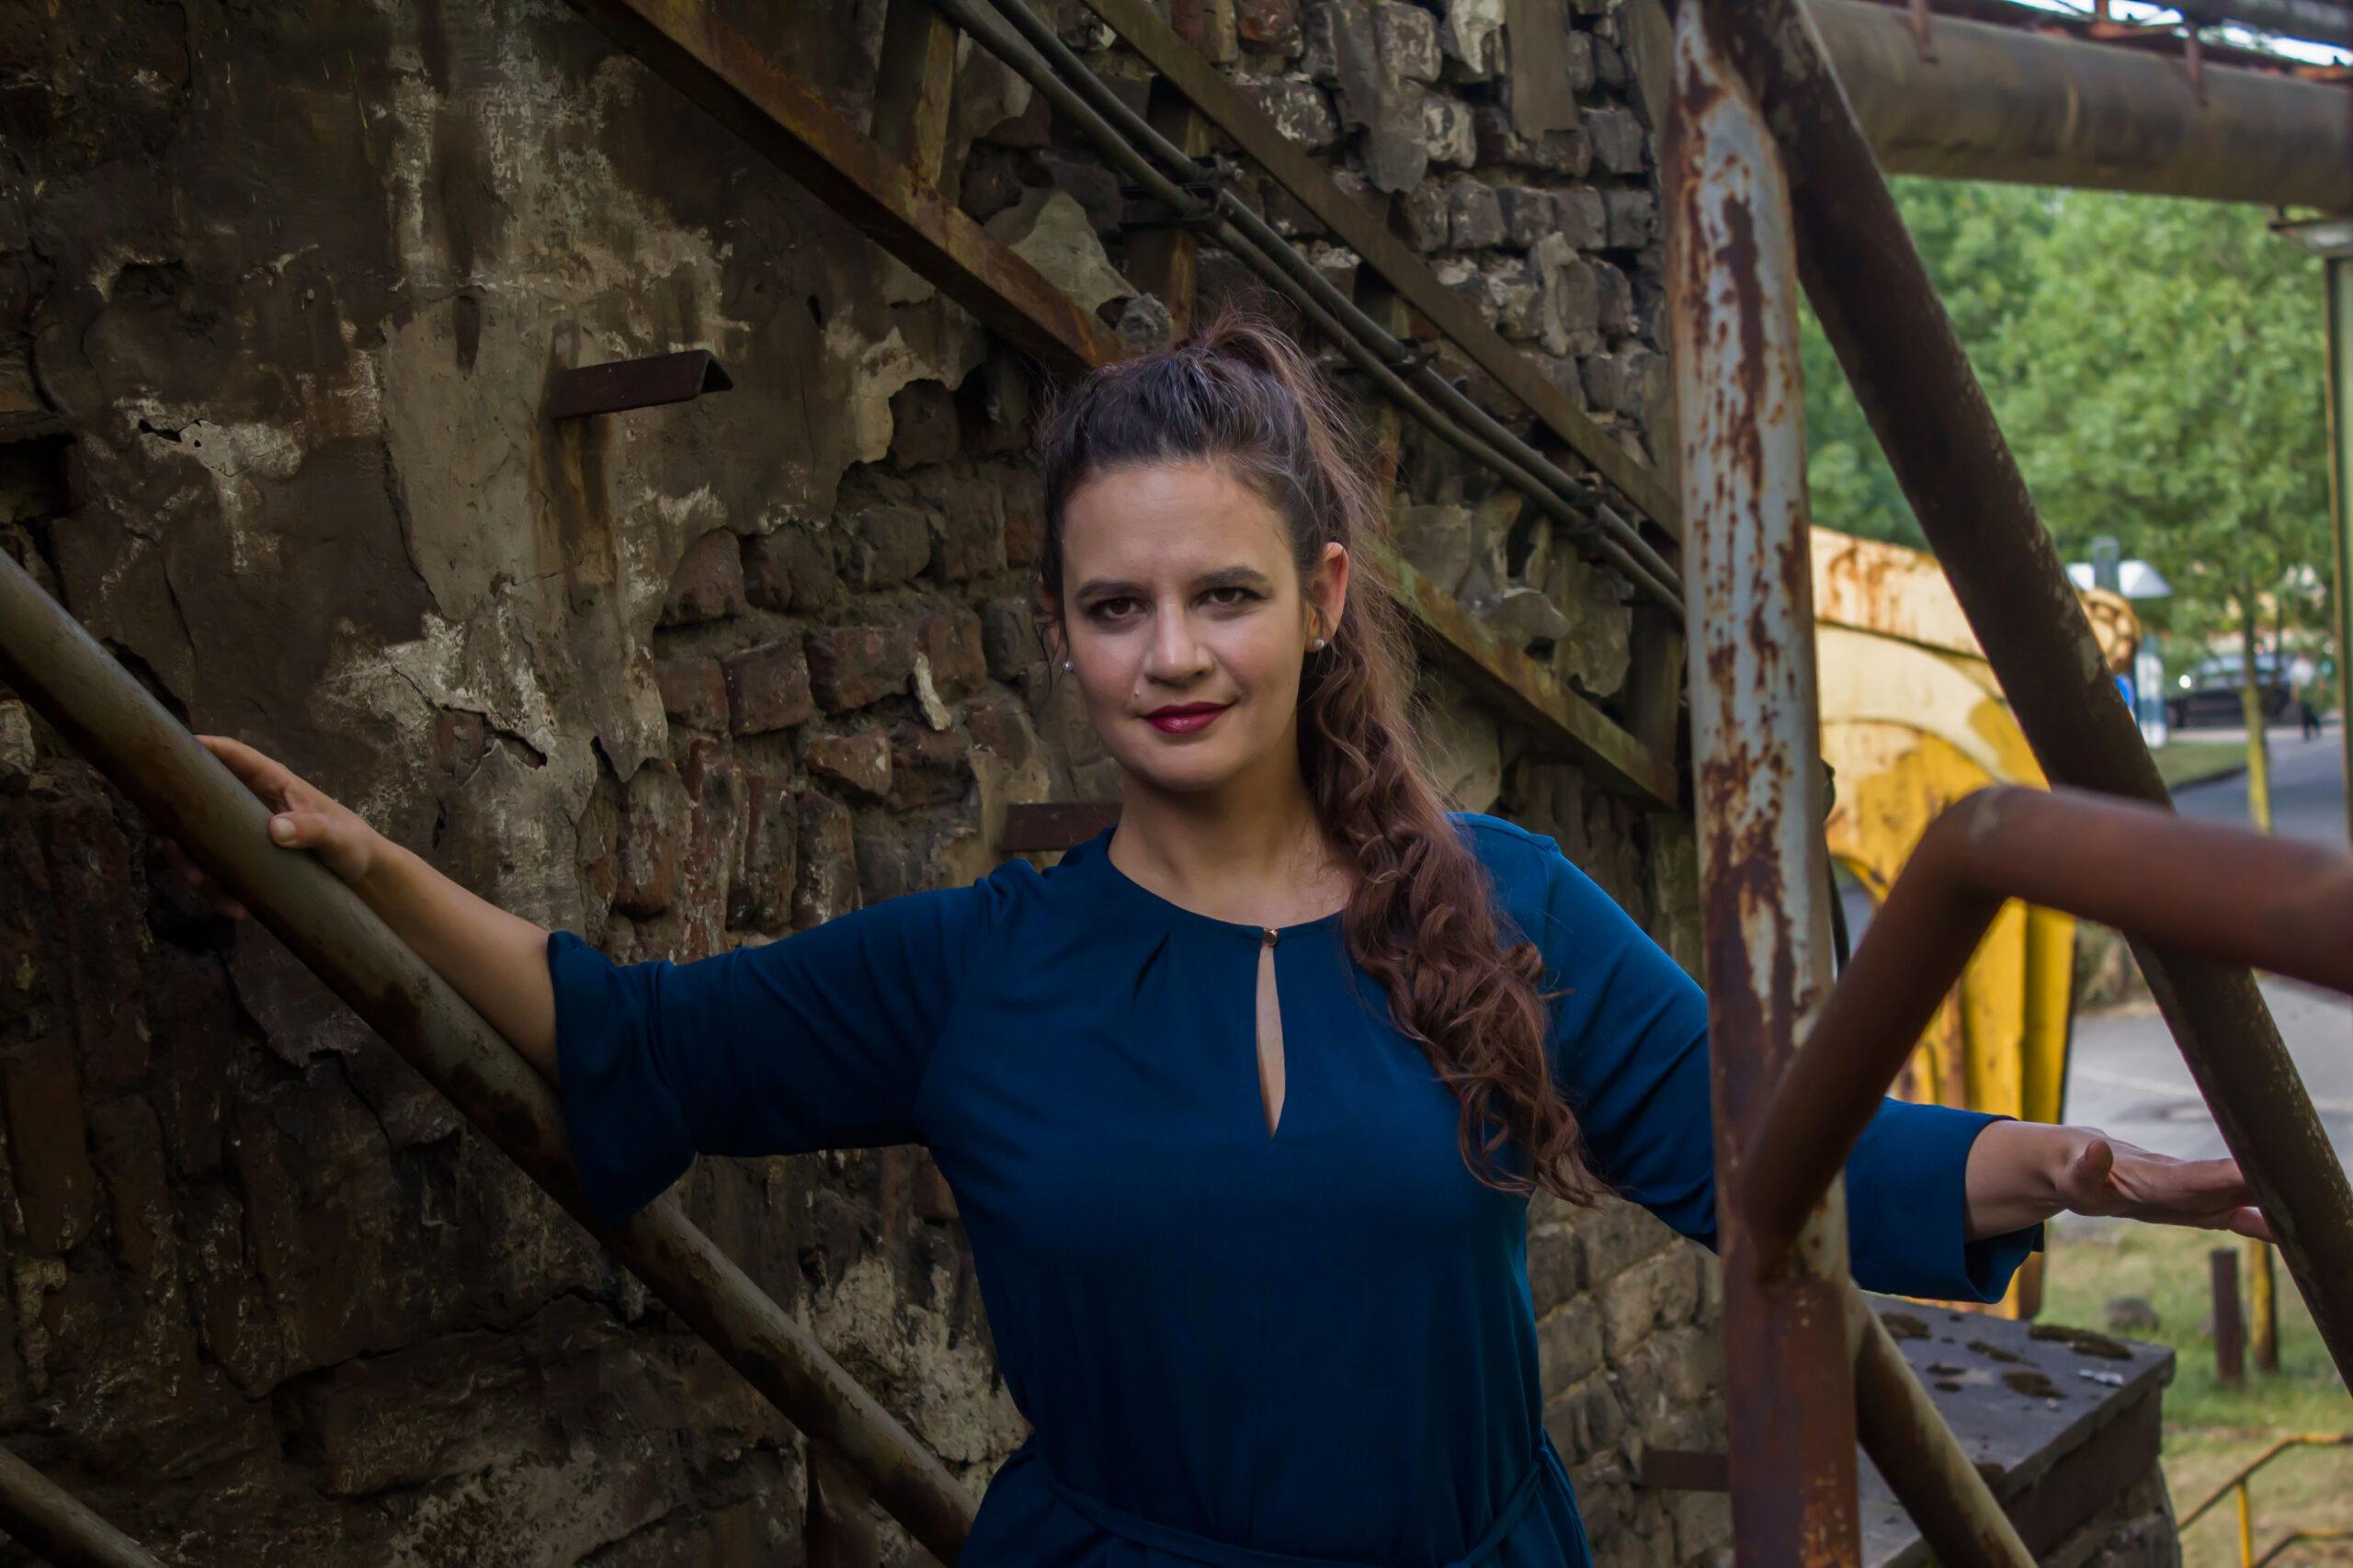 Hanna steigt eine Treppe an einem heruntergekommenen Industrial-Bau empor und lächelt die betrachtende Person an.